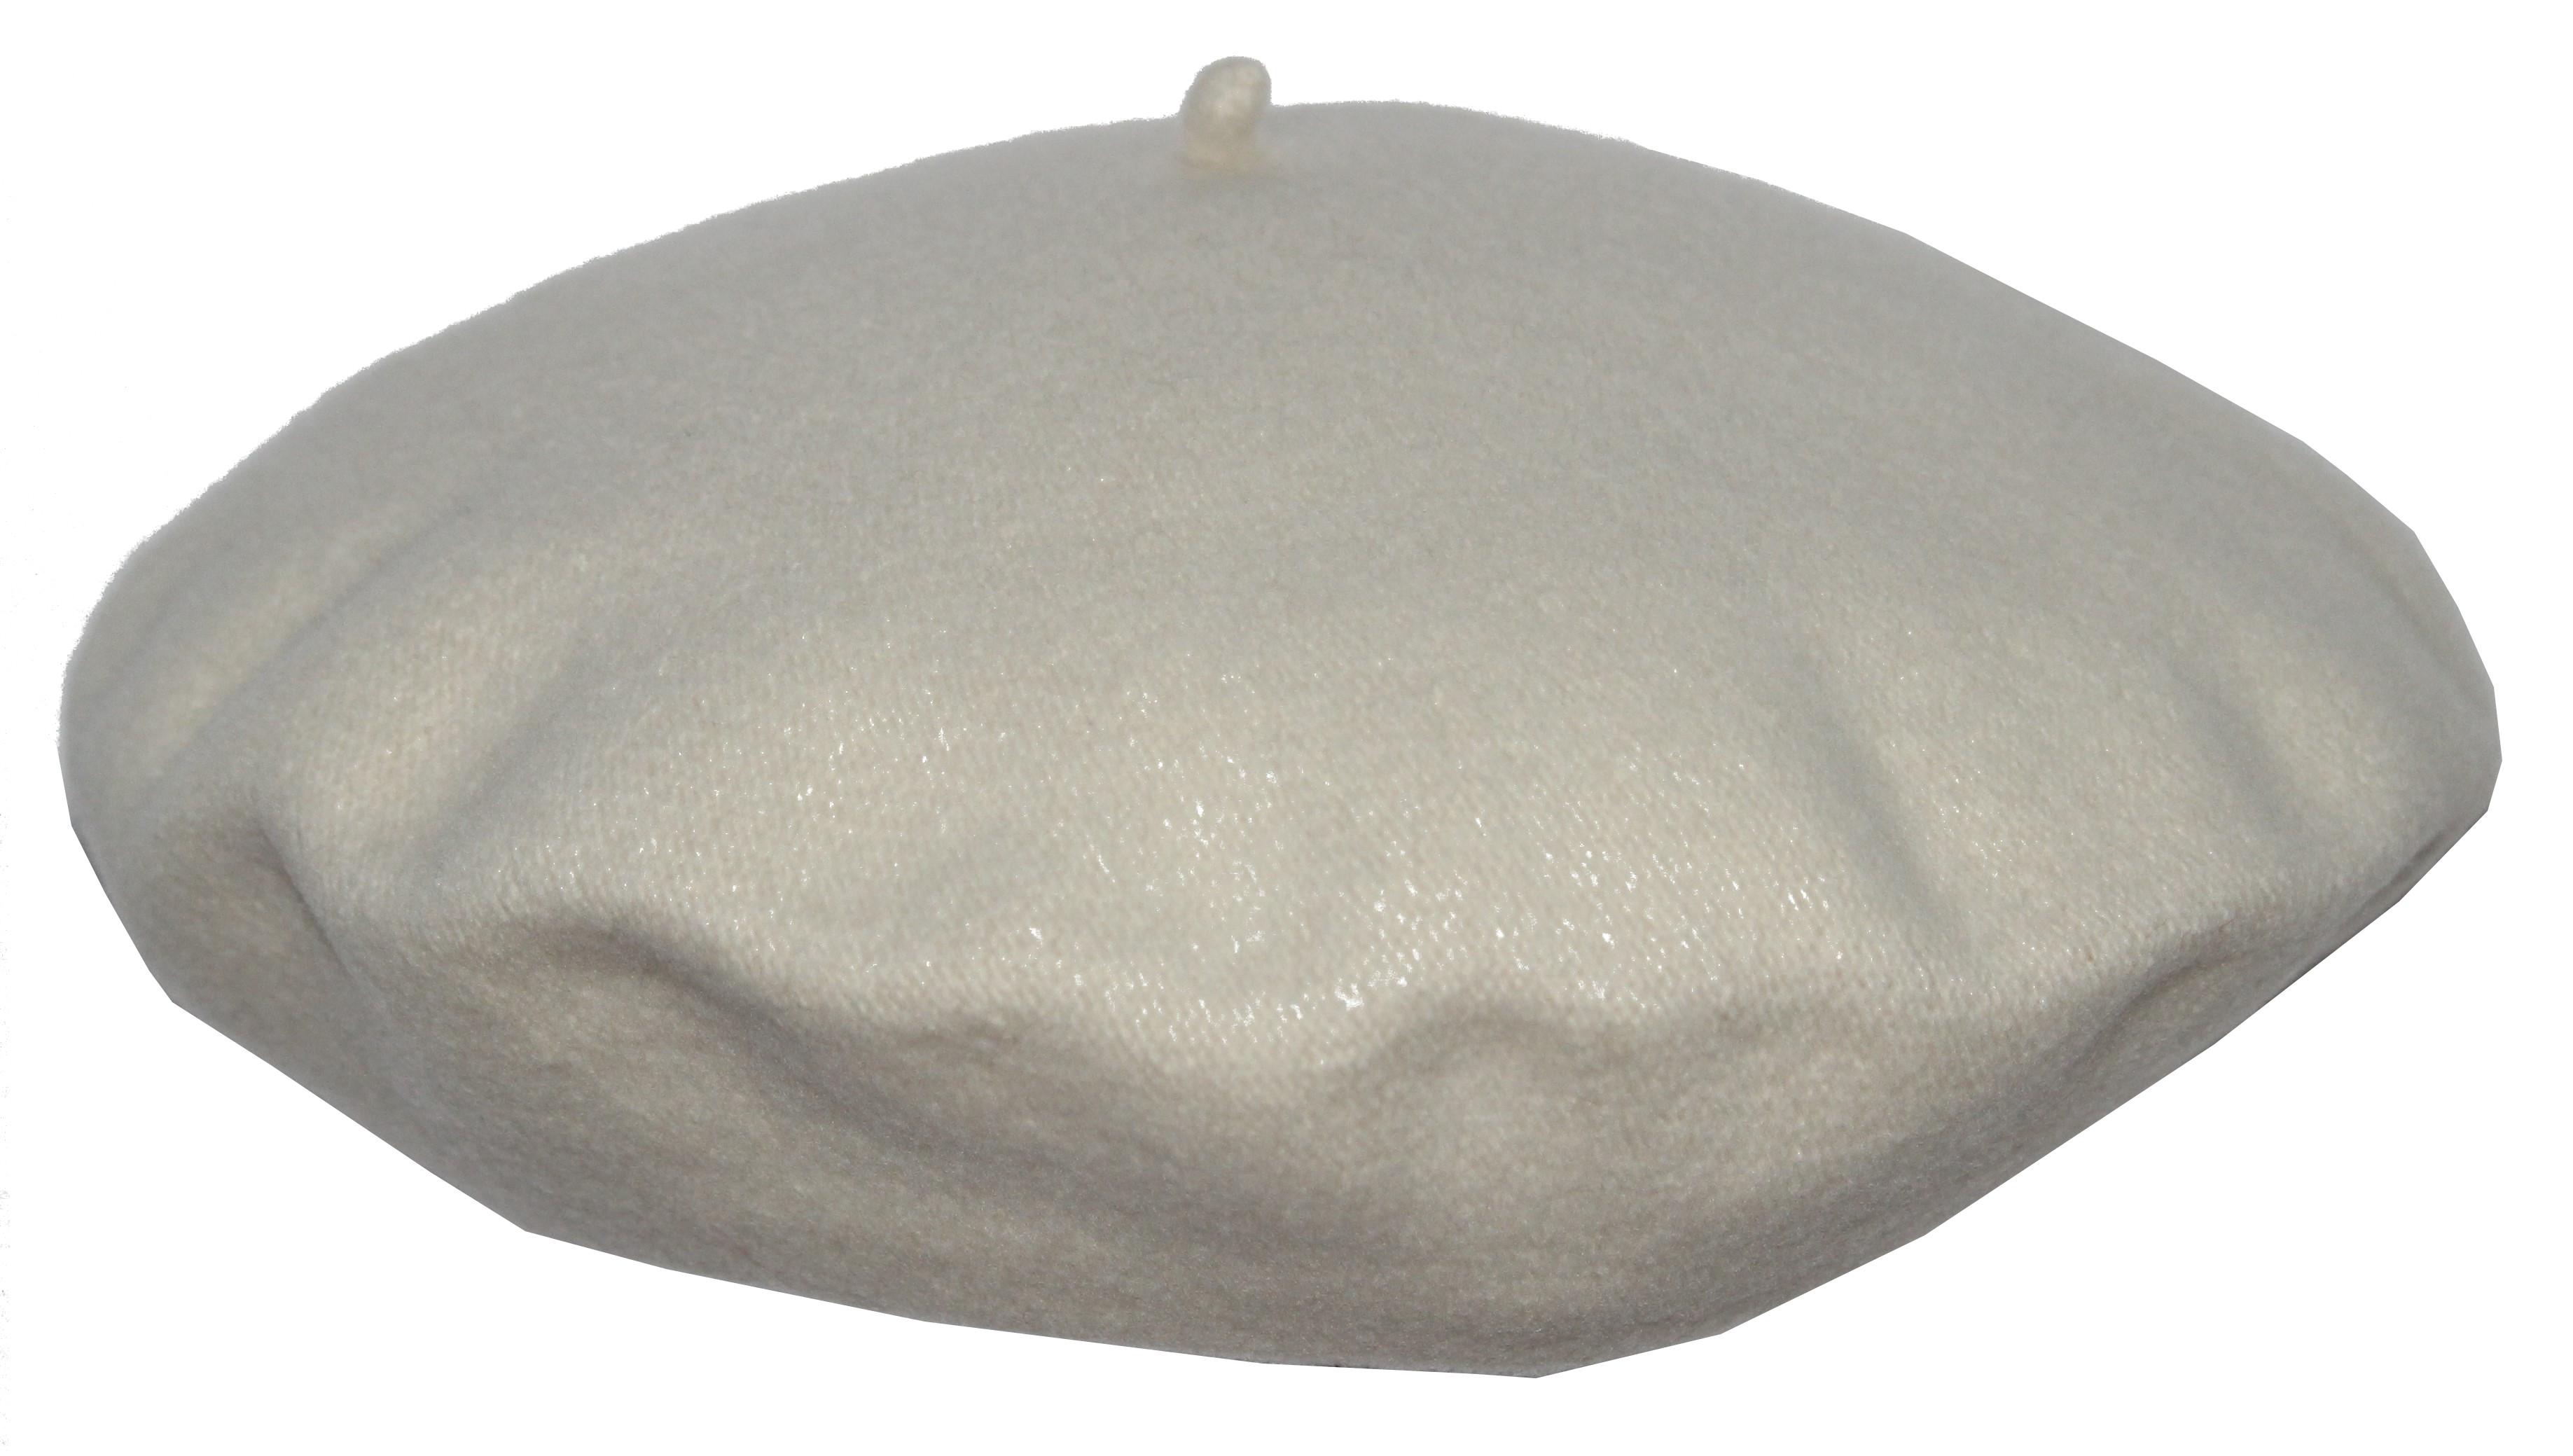 Béret 100% laine - flora super - blanc Blanc